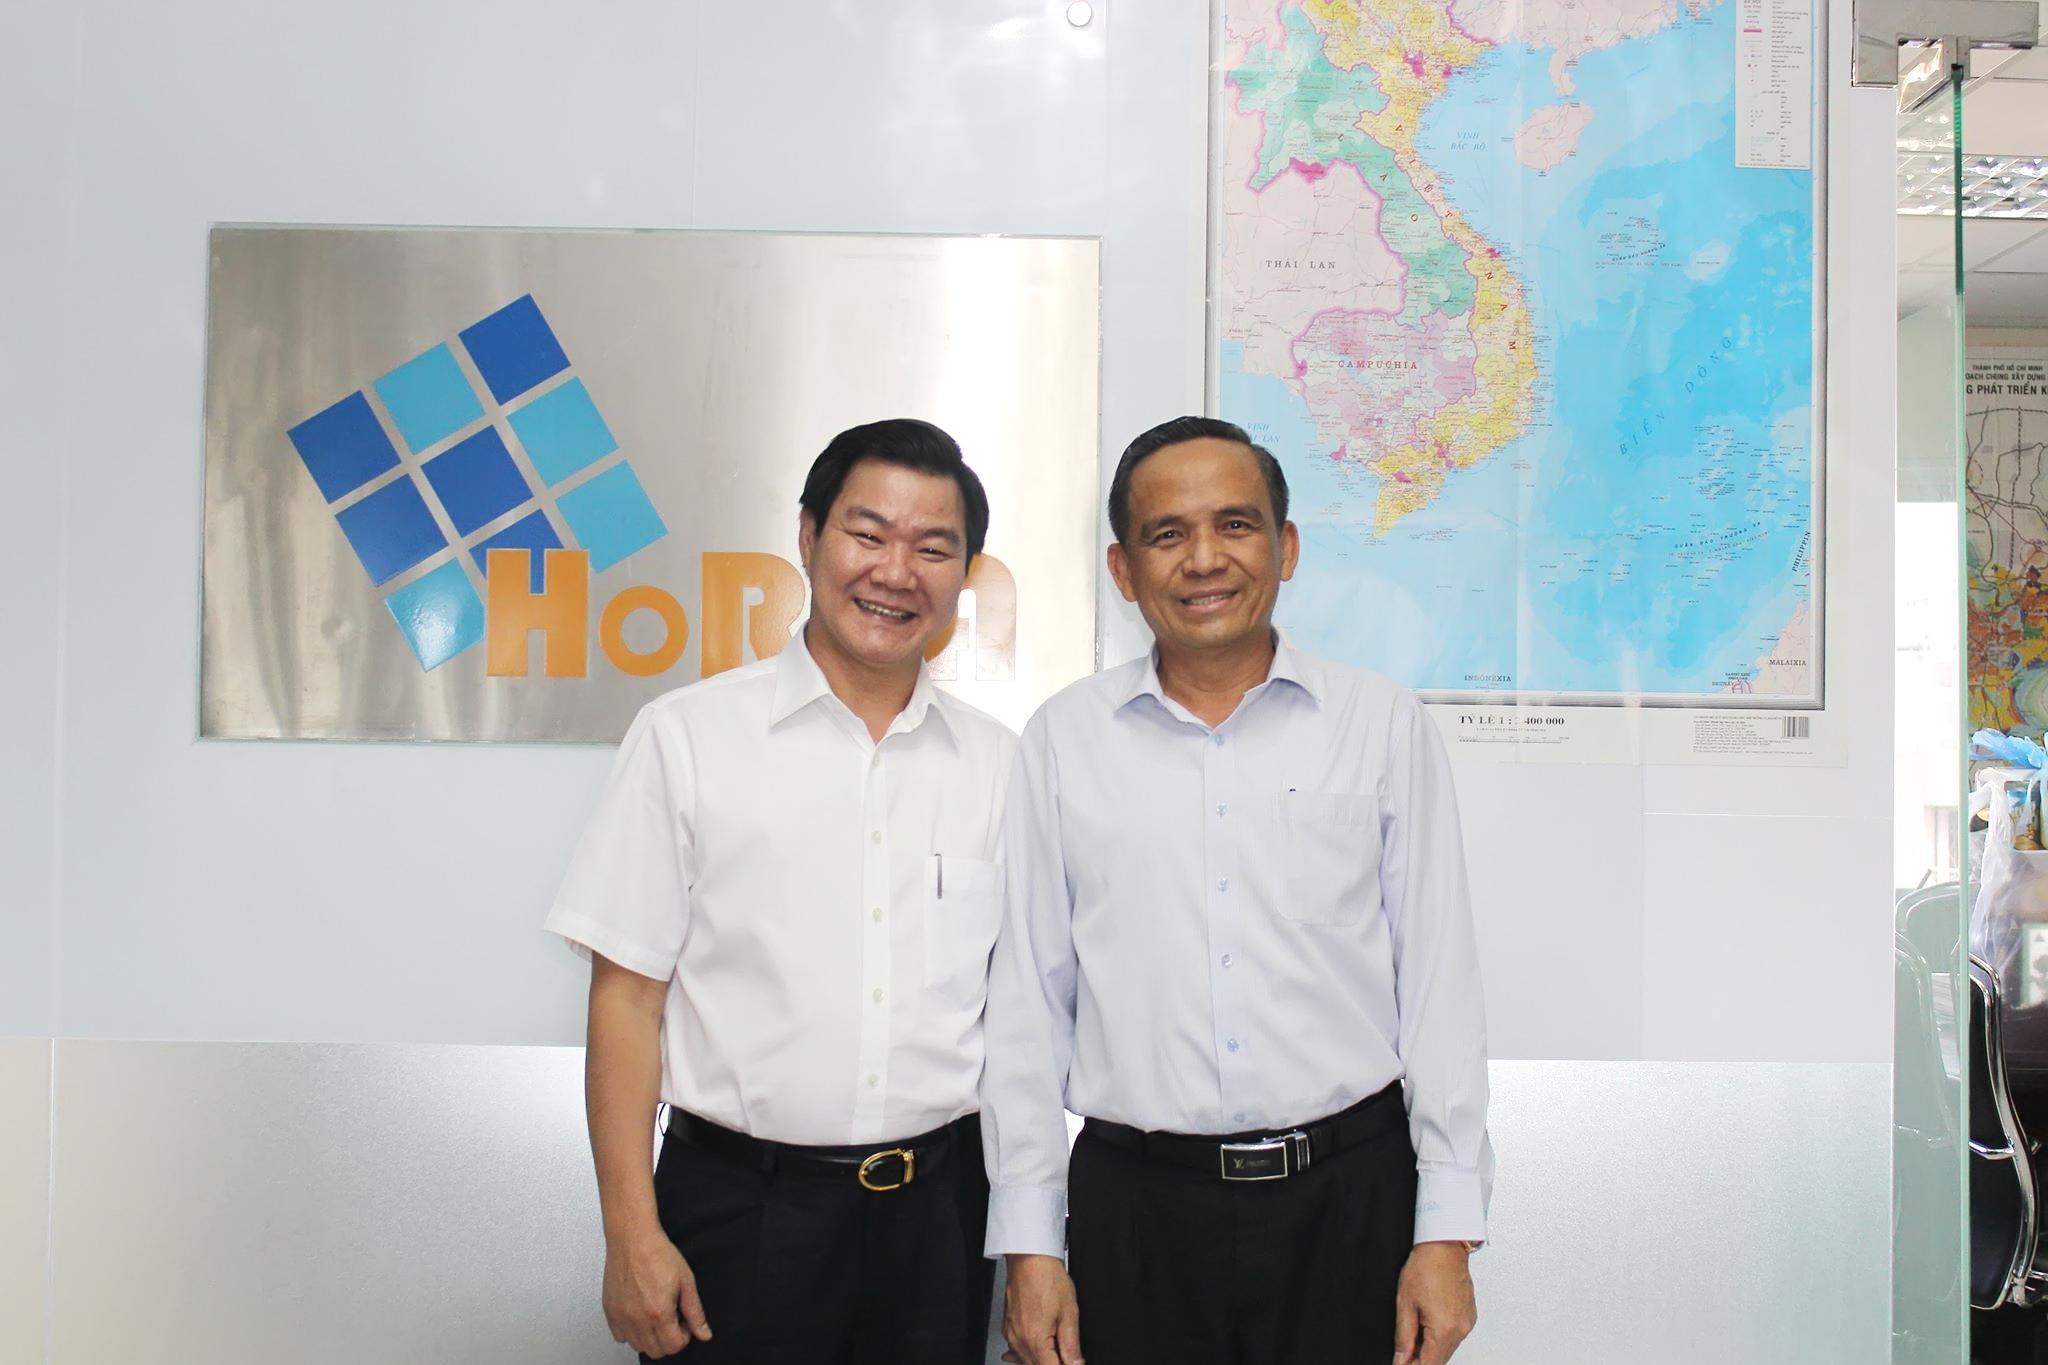 Chủ tịch HoREA làm việc cùng Ông Nguyễn Văn Kim - Chủ tịch Nguyễn Kim Group